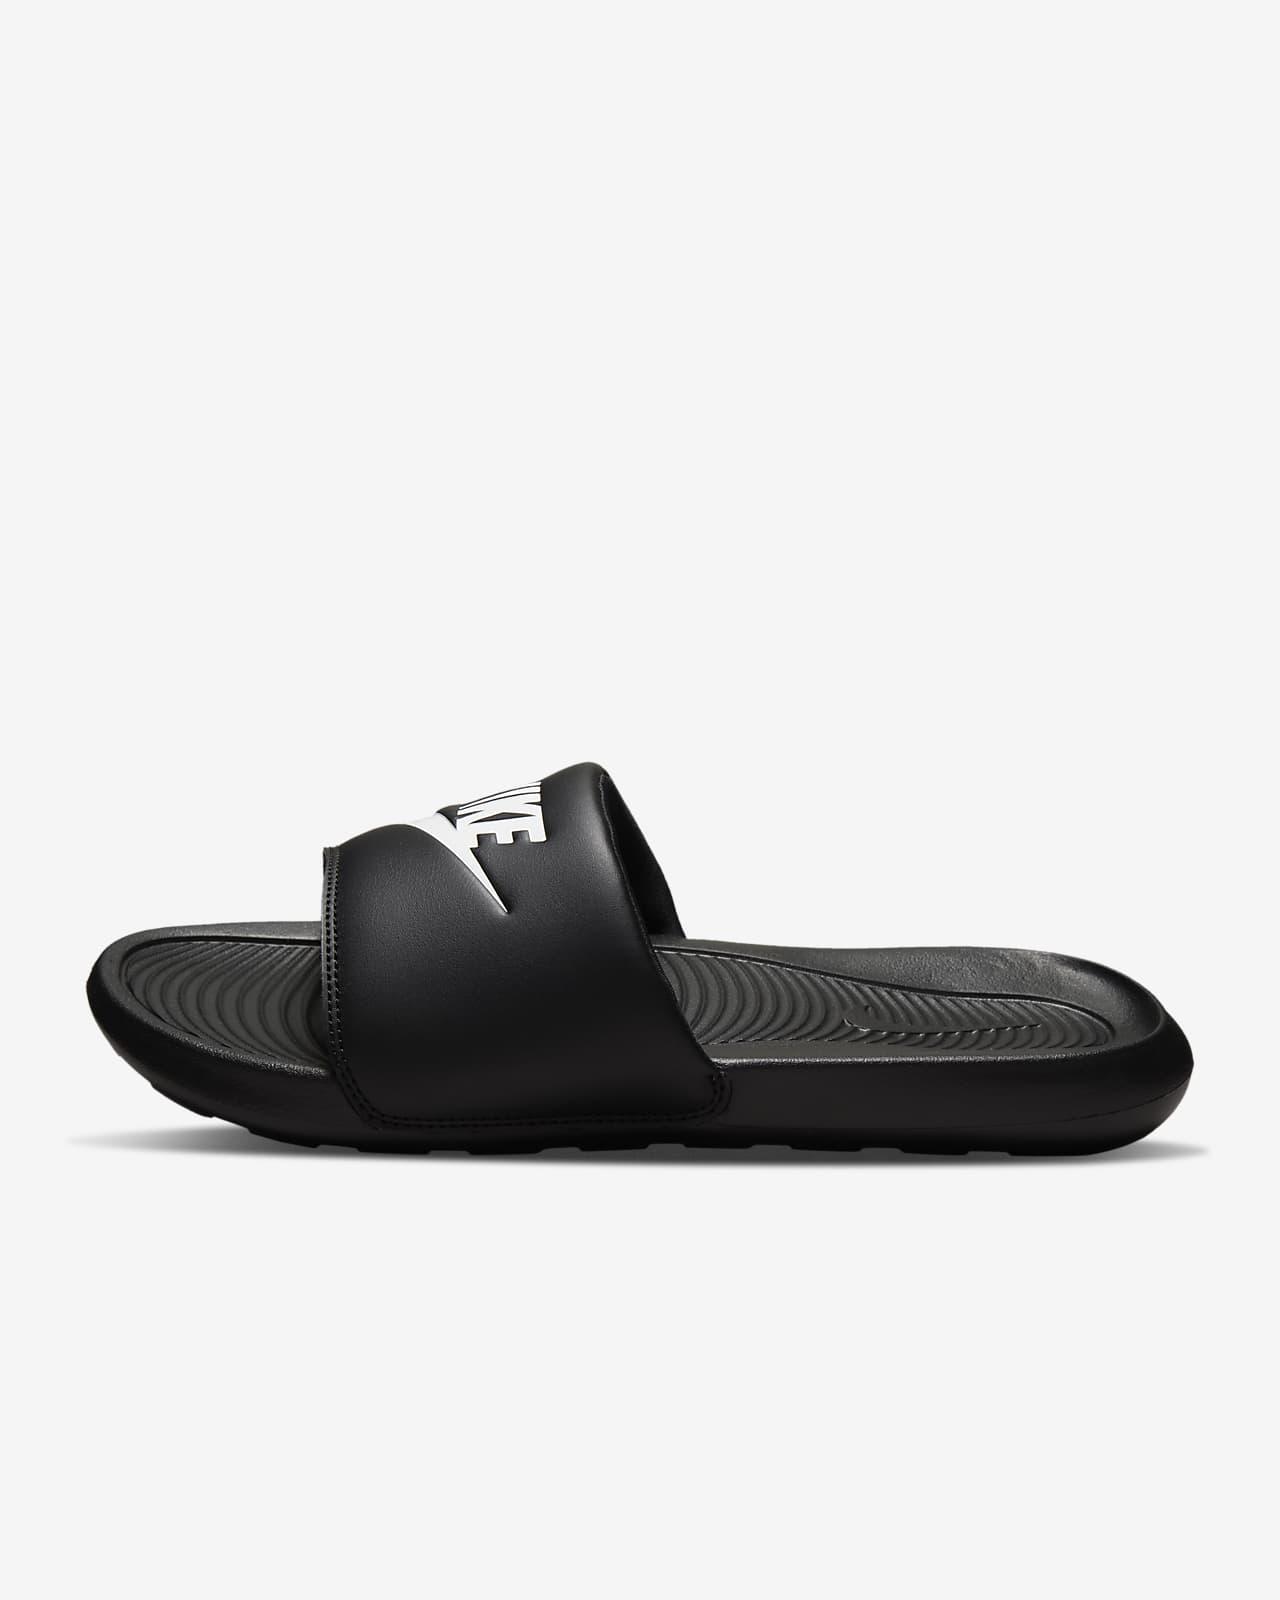 Nike Victori One Slide 男子拖鞋